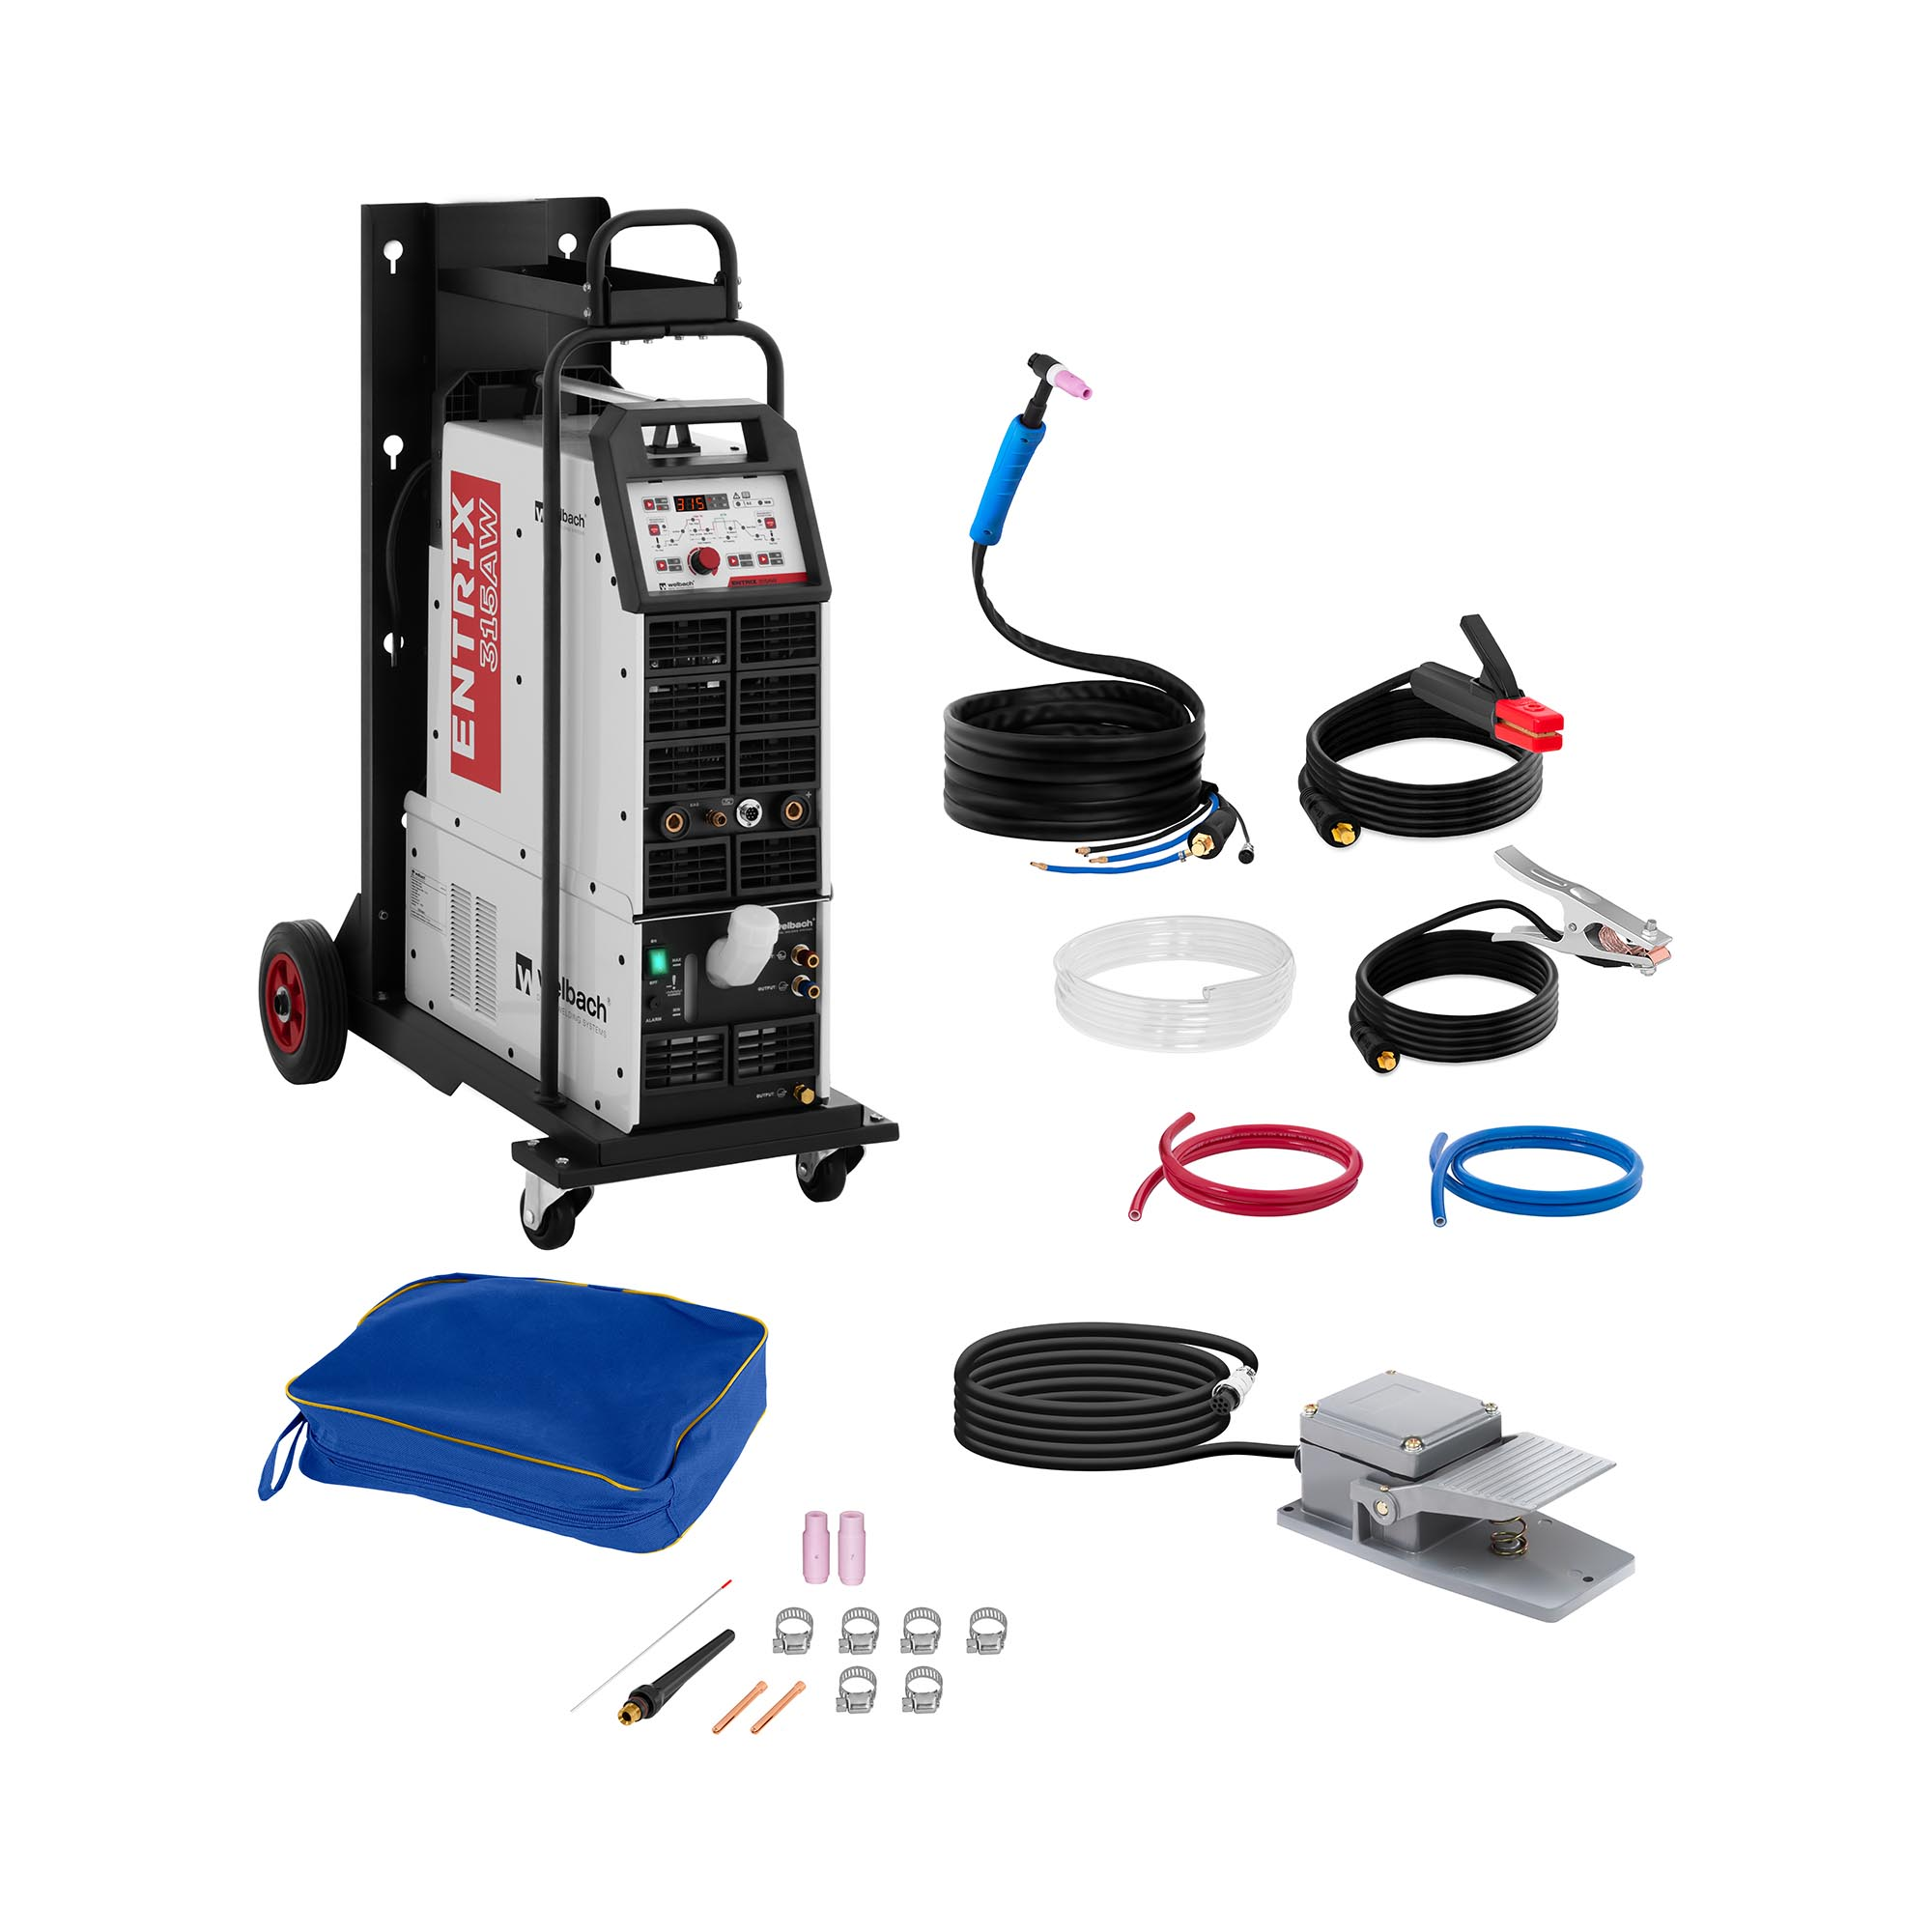 welbach ALU-Schweißgerät - 315 A - 400 V - Digital - Puls - Wasserkühlung 10020167